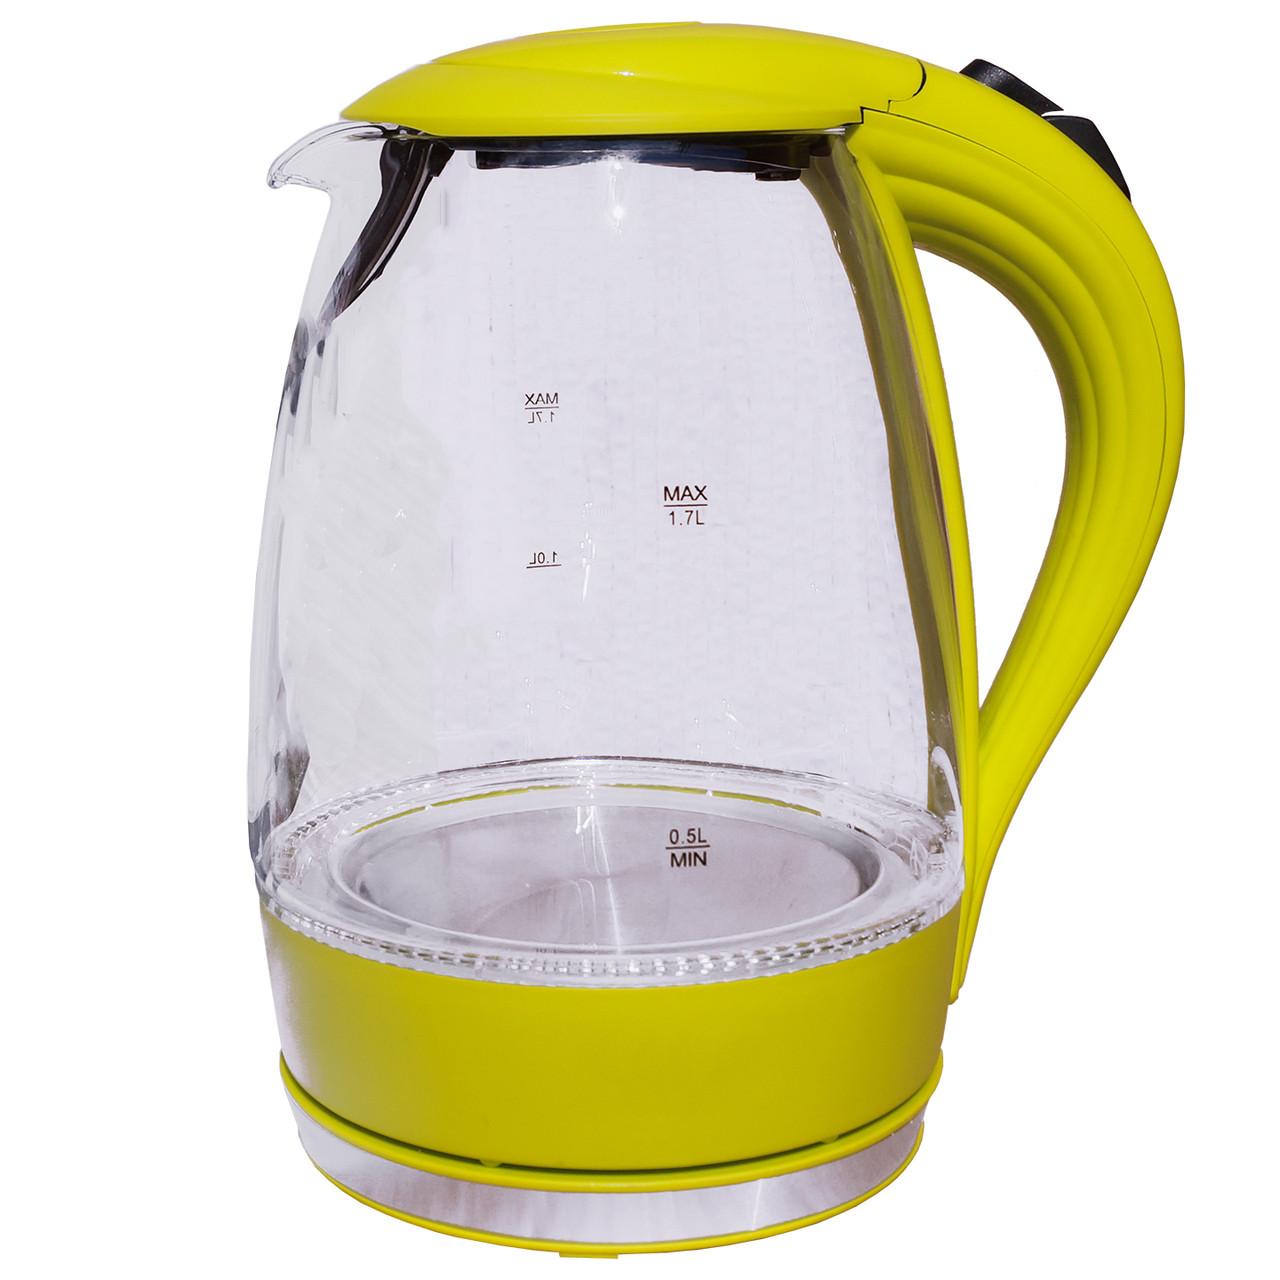 Электрочайник стекло  DT 810 желтый 1,7  литра  распродажа